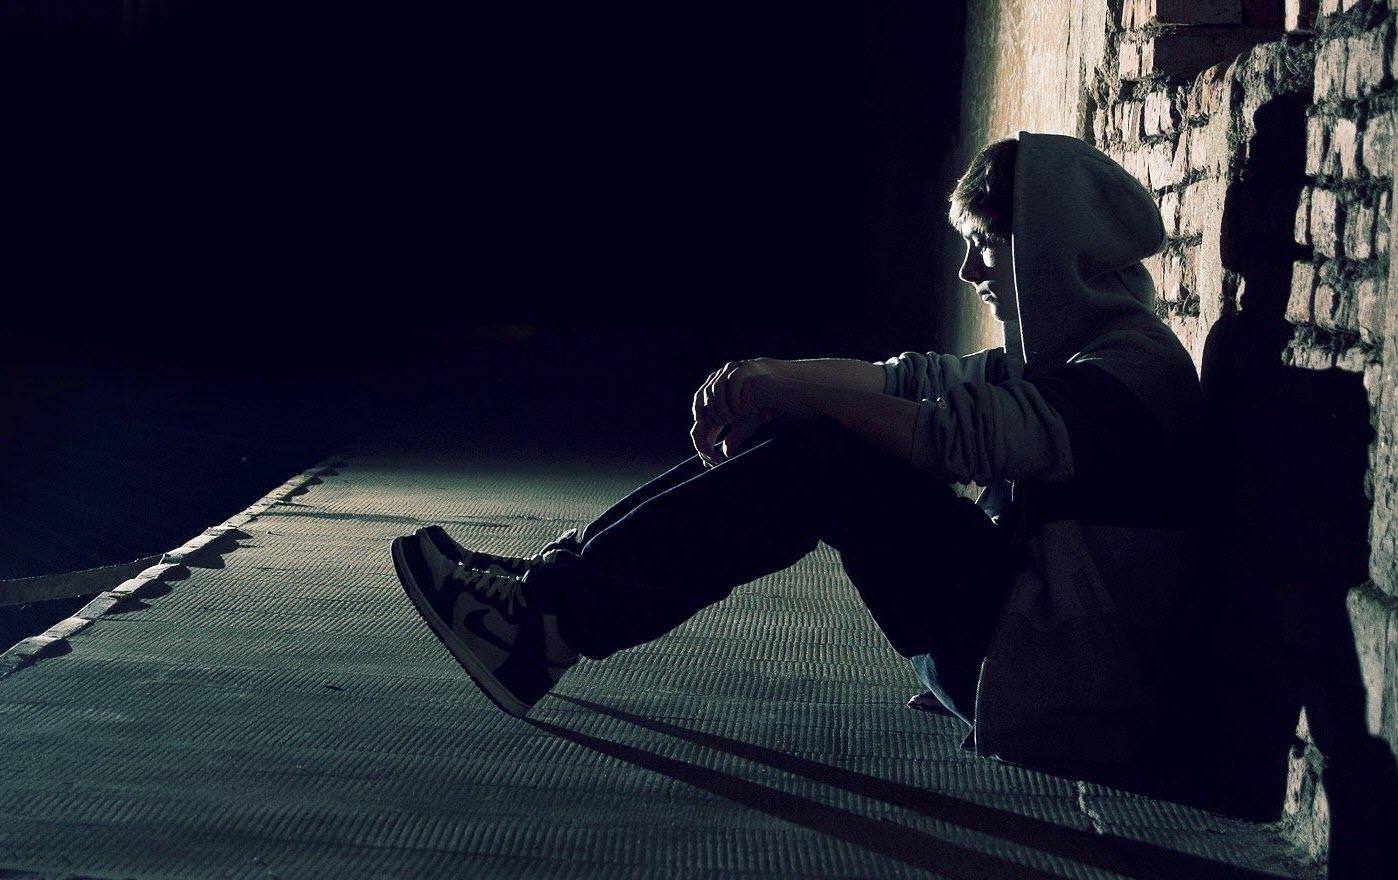 Ảnh con trai cô đơn, buồn, khóc đẹp